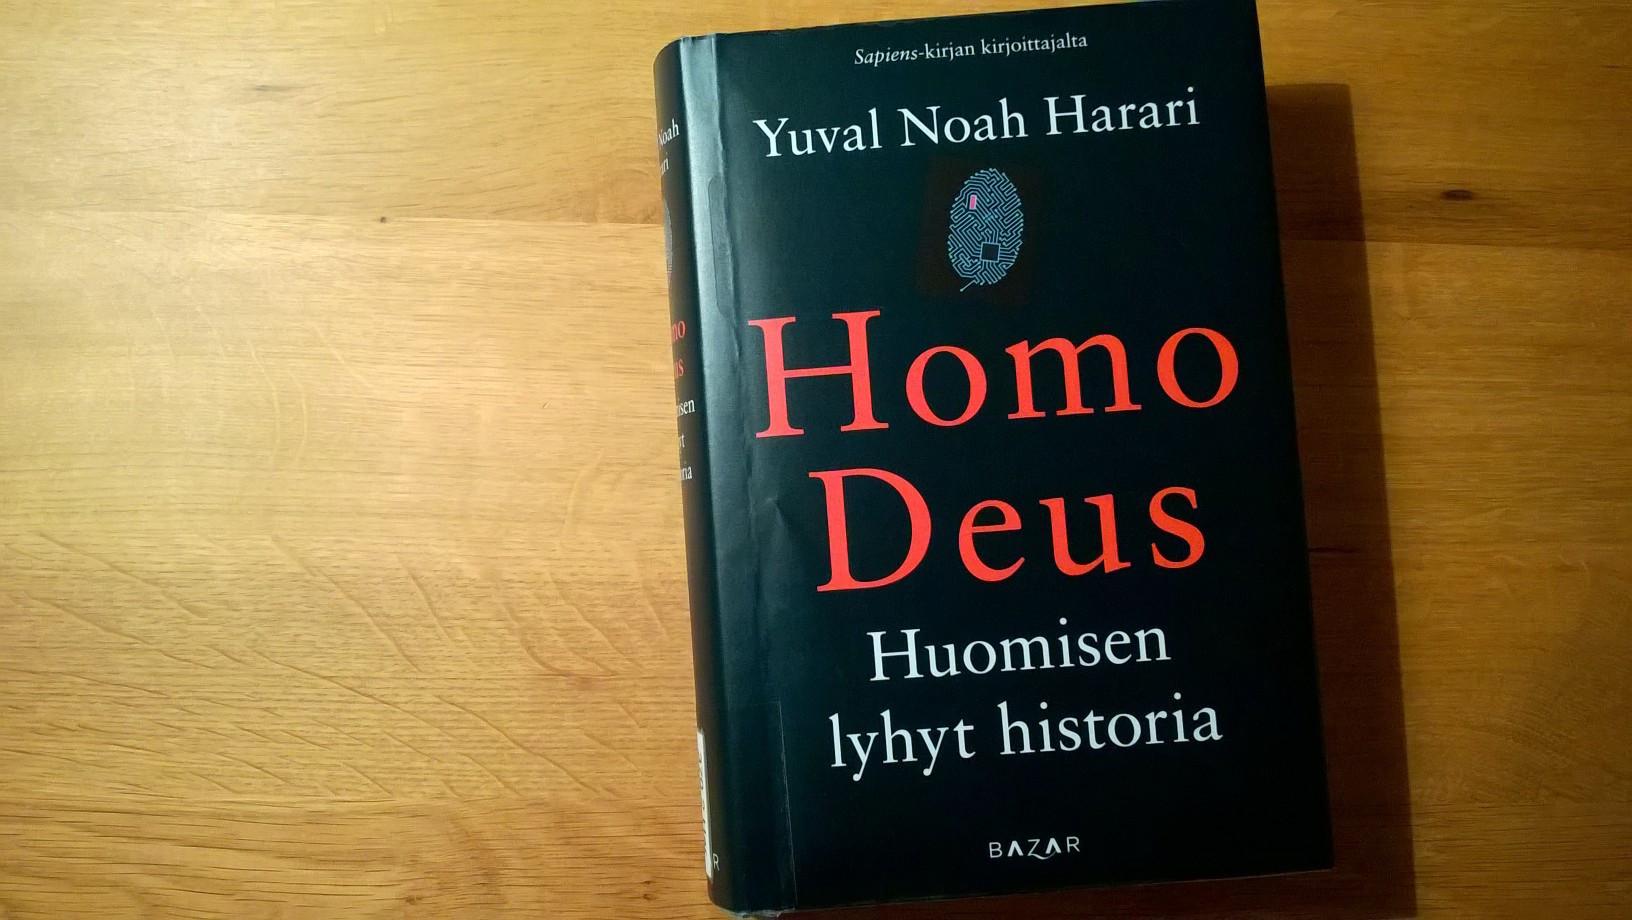 homo_deus_kirja_harari_tulevaisuus_data_keinoaly_AI